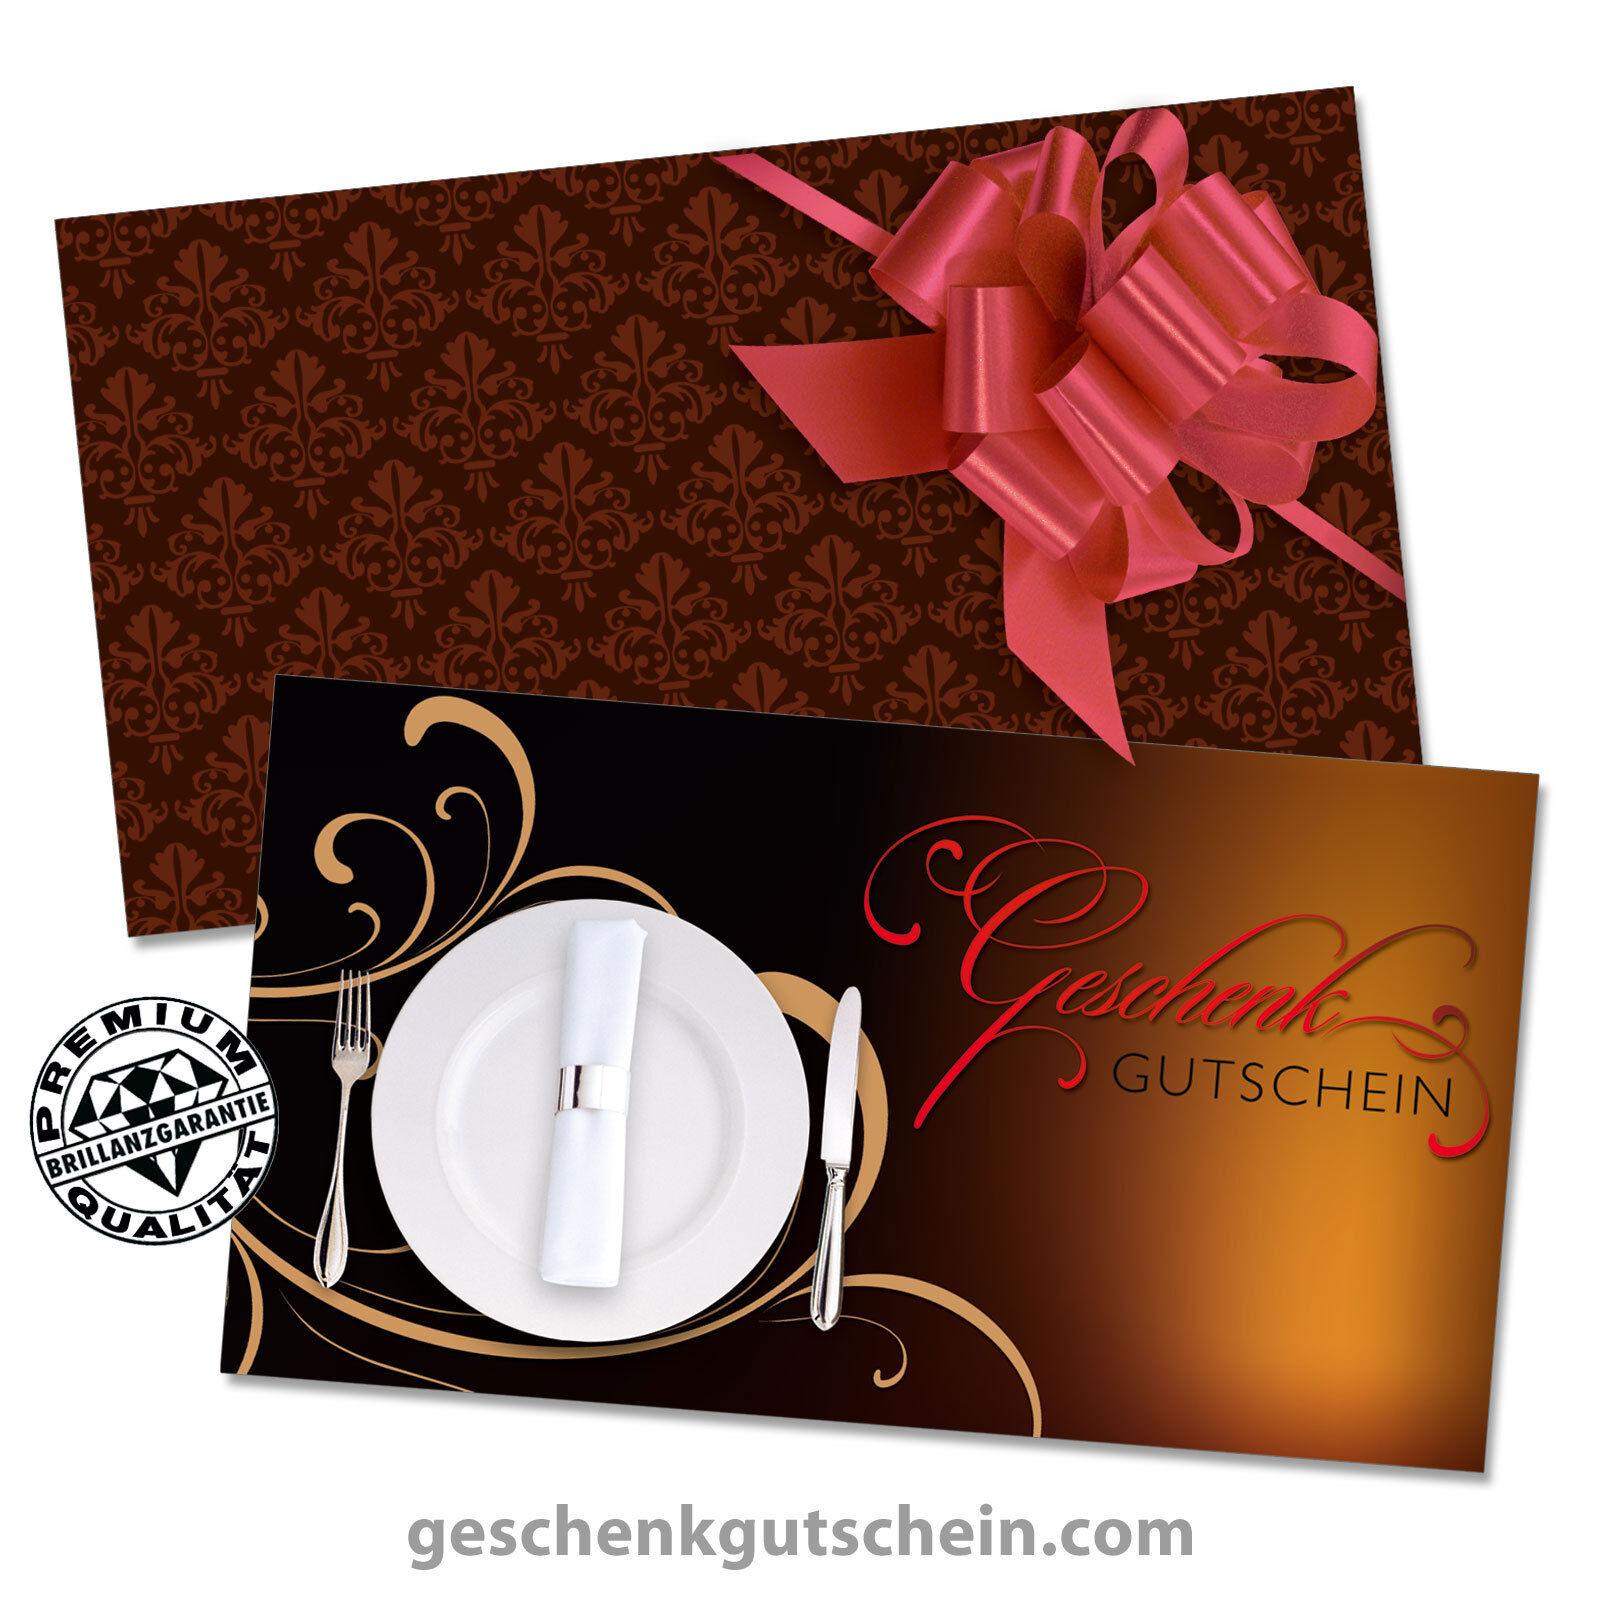 Gutscheinkarten Standard mit KuGrüns und Schleifen für Restaurant Gasthaus G1289